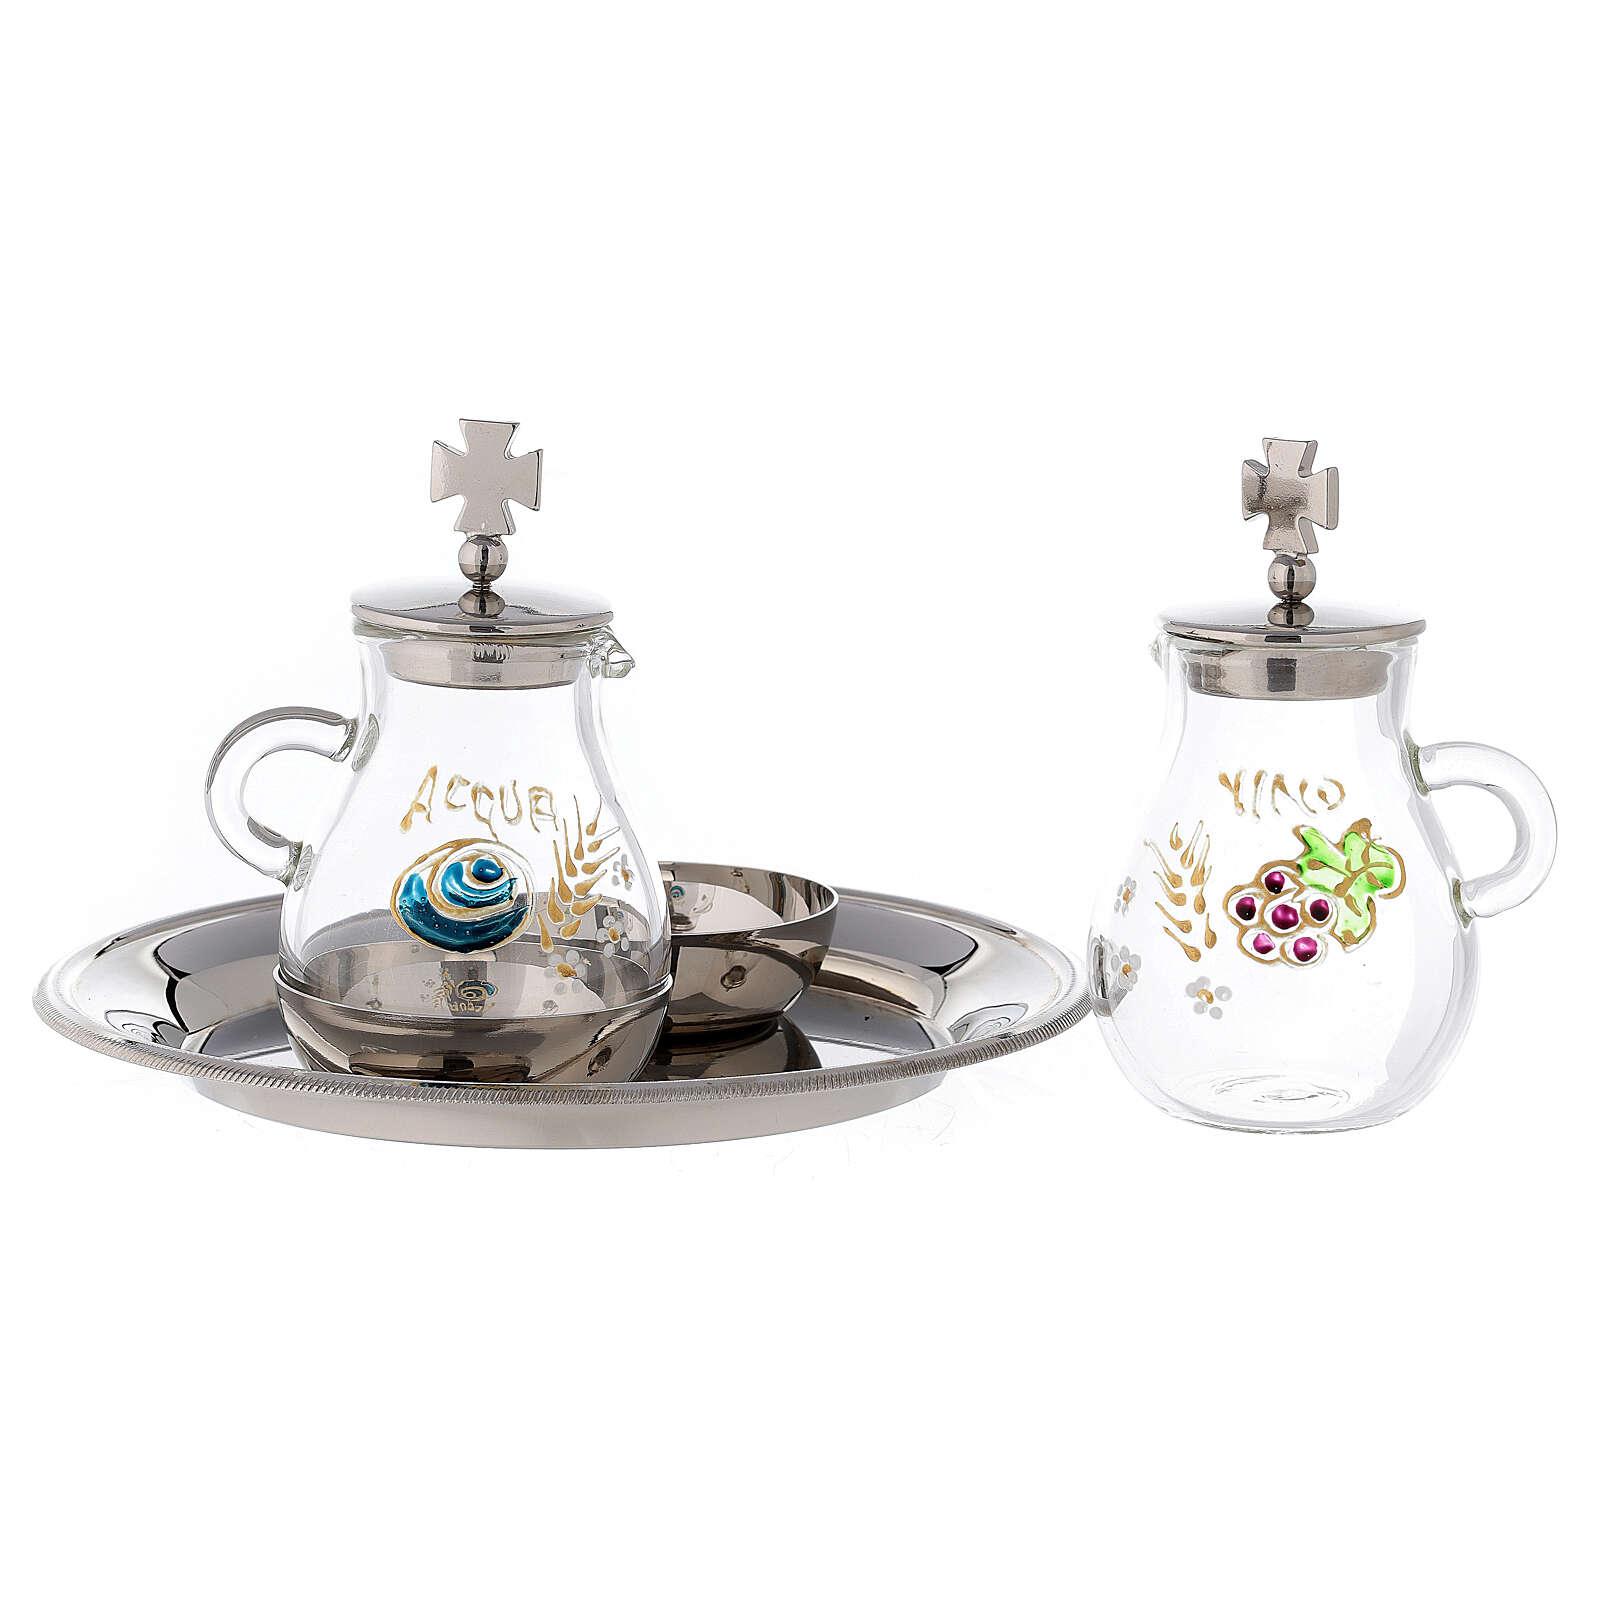 Bologna silver-plated brass cruets 120 ml 4